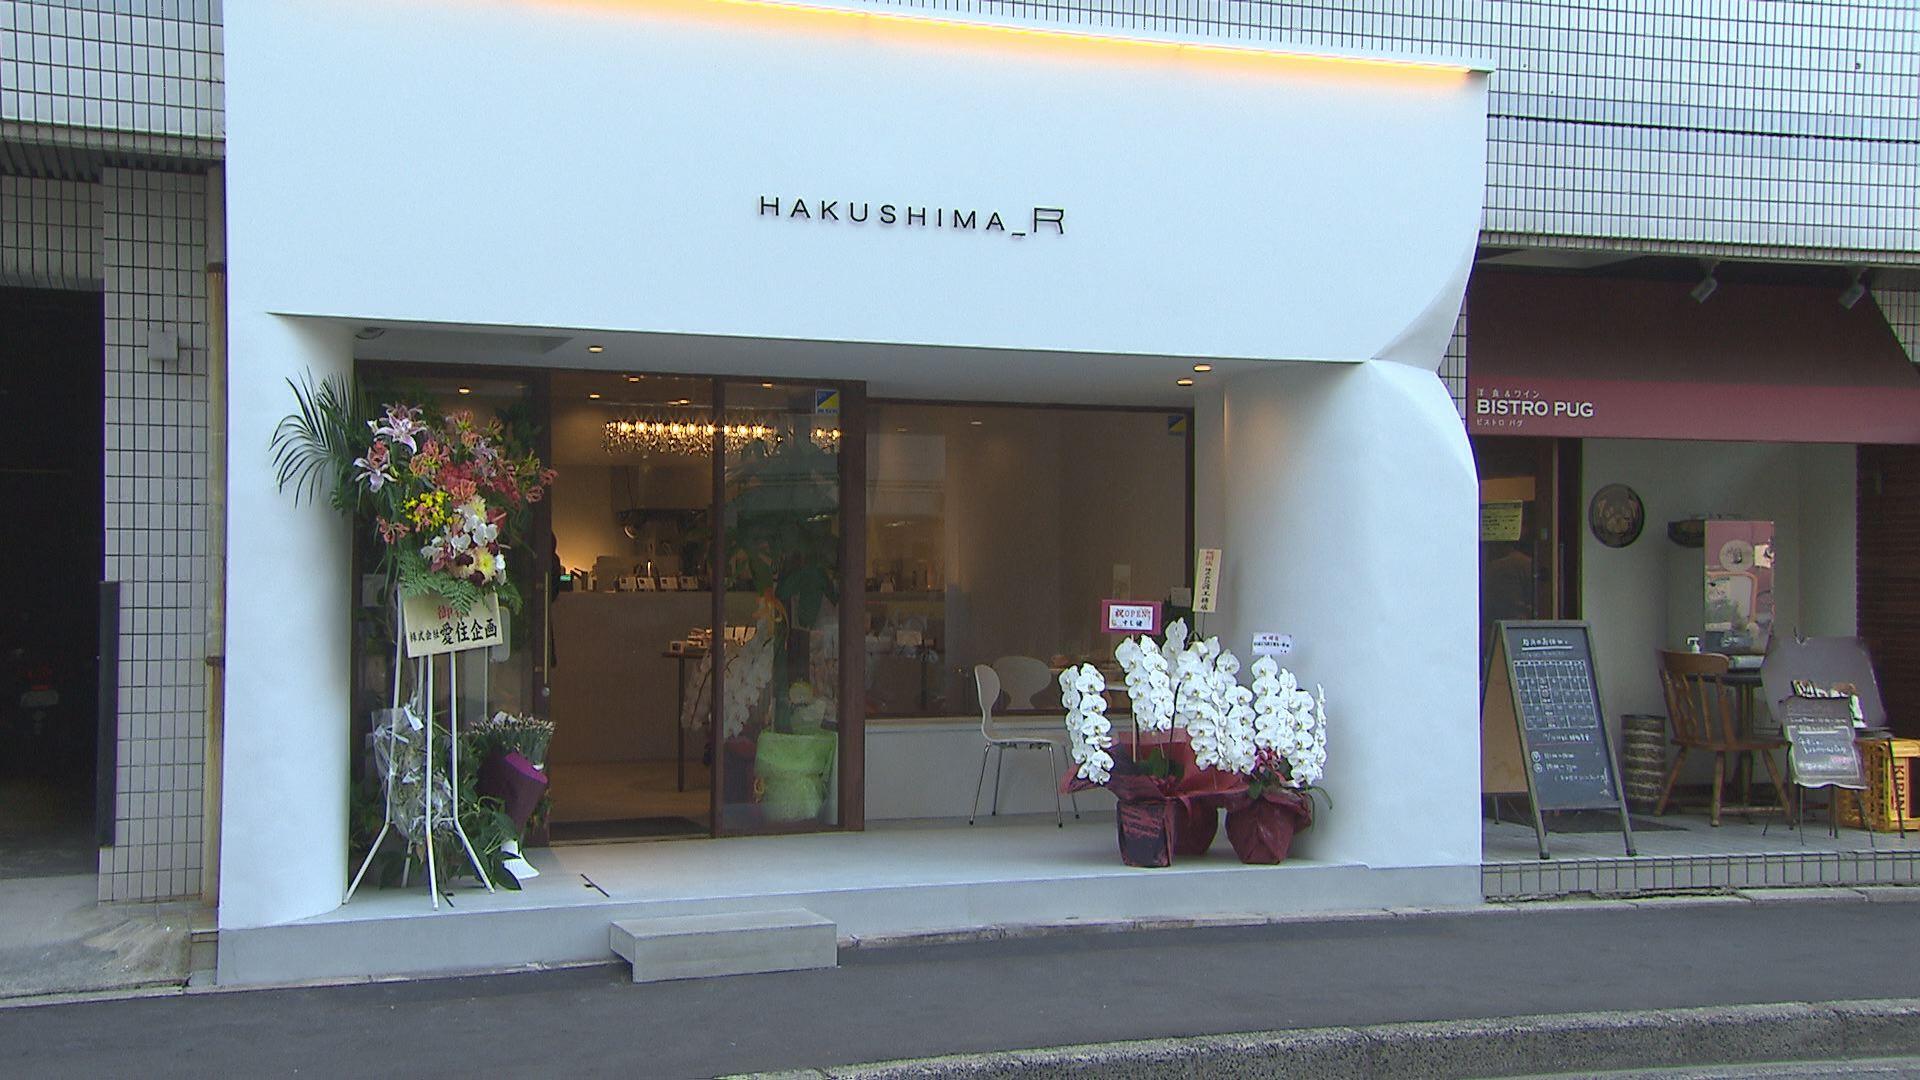 HAKUSHIMA_R(ハクシマアール)